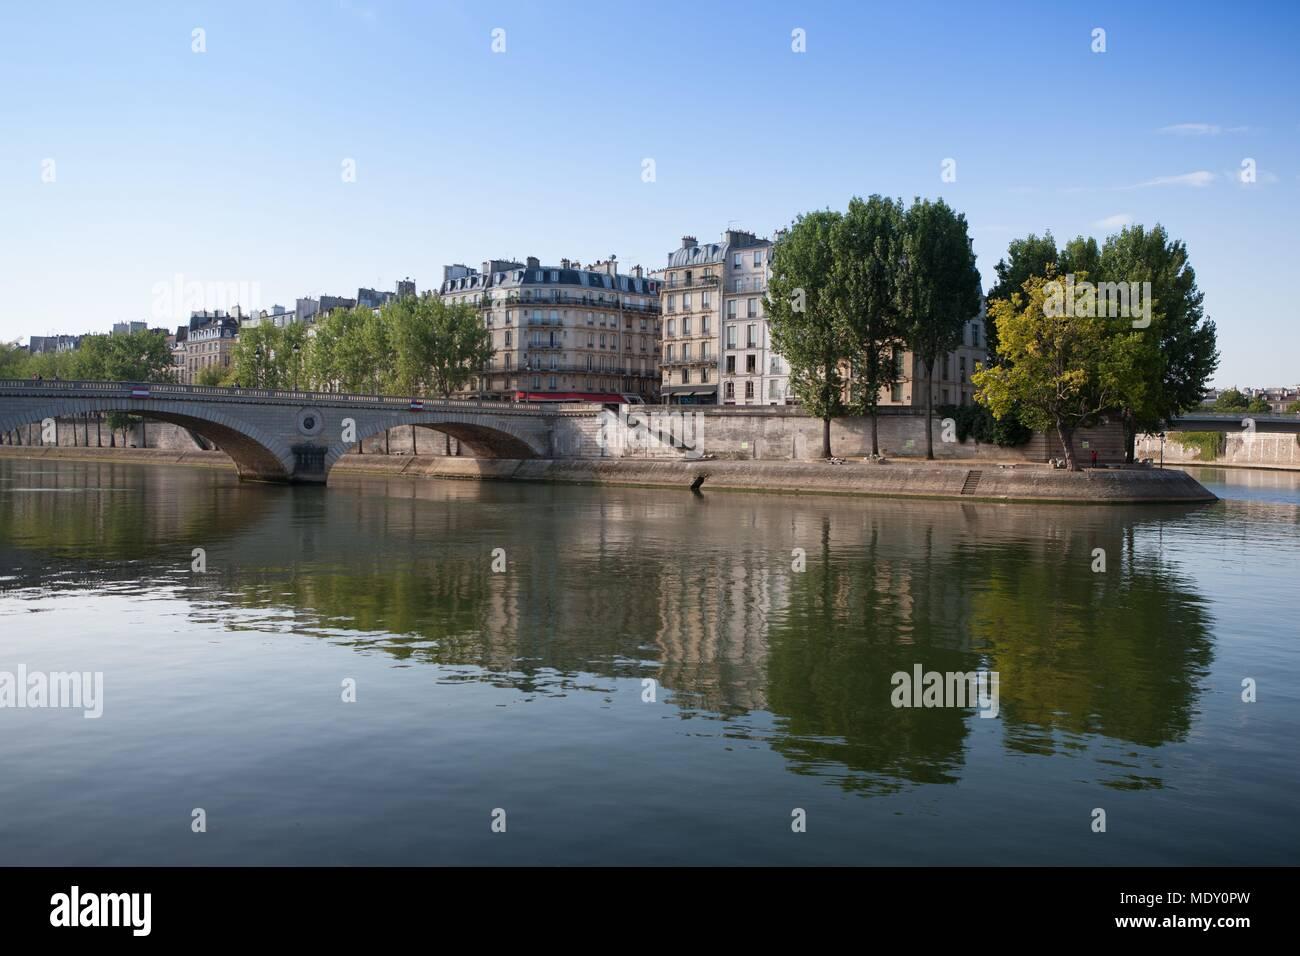 Paris, view over the edge of the Île Saint Louis and the Quai aux Fleurs on the Île de la Cité from the Pont Louis Philippe, - Stock Image